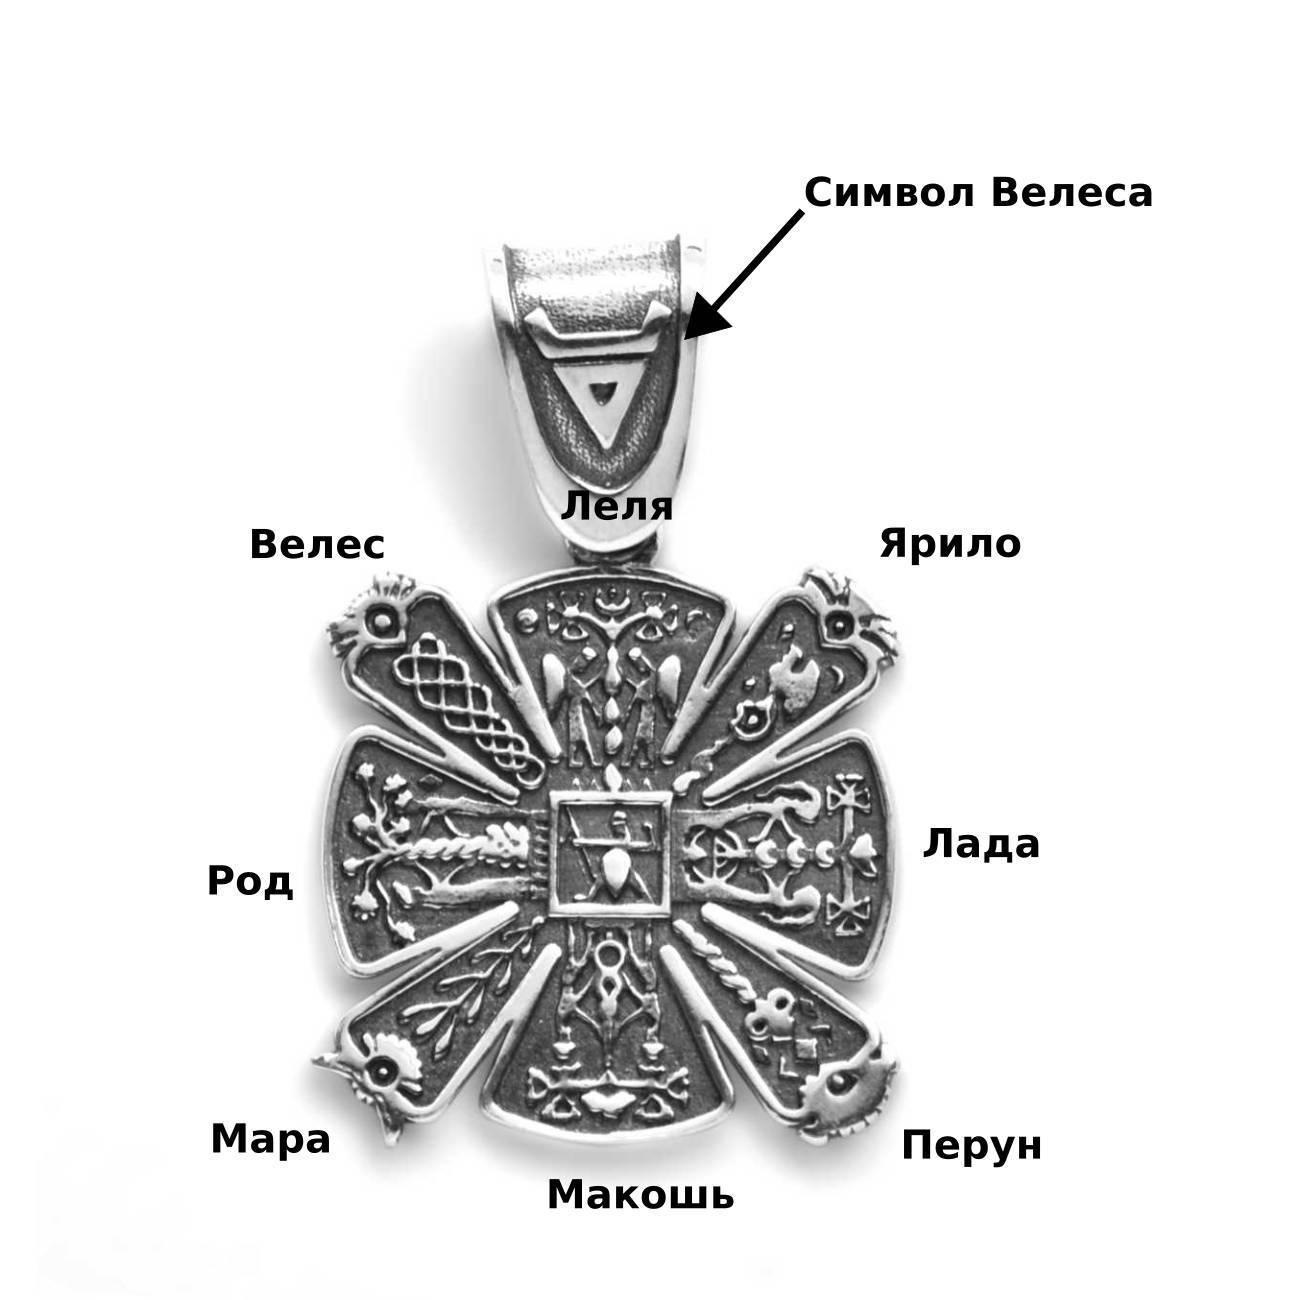 Славянские обереги и талисманы для защиты своих носителей - практическая эзотерика